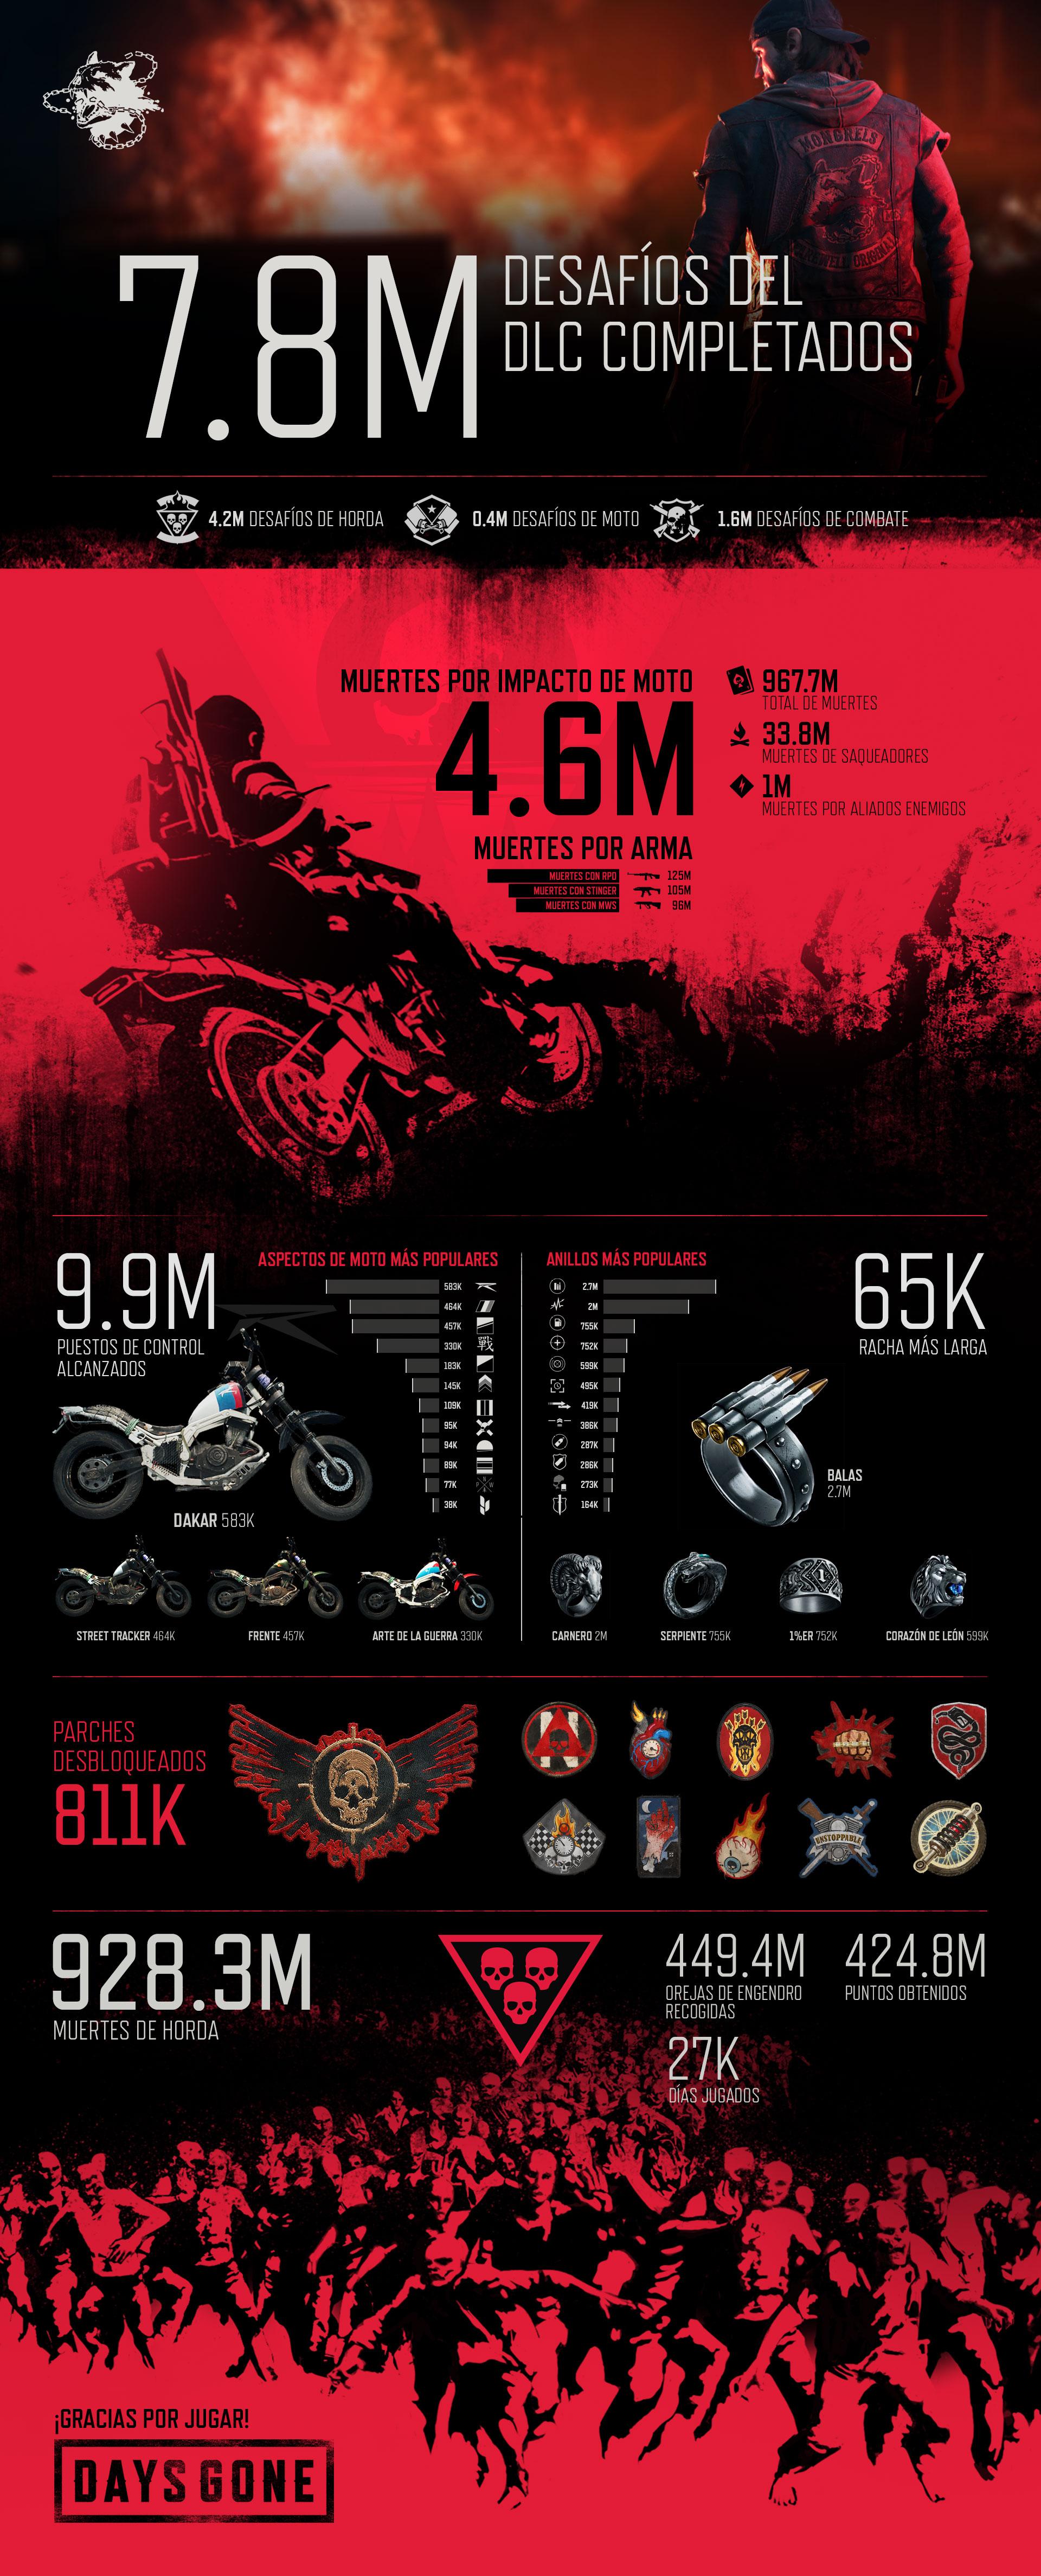 Days_Gone_DLC_Infographic_ES